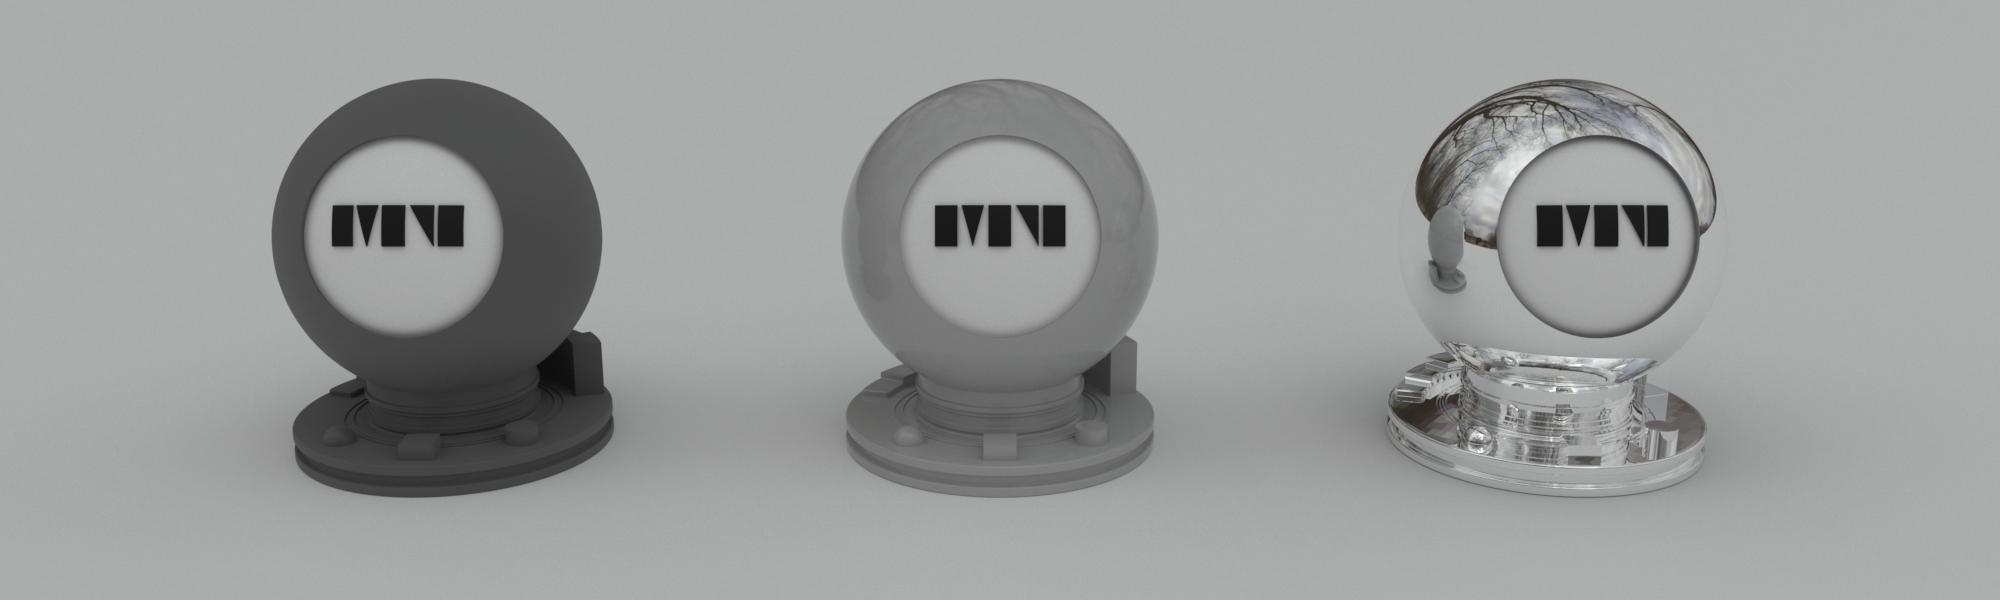 Pano 05 Shader Balls